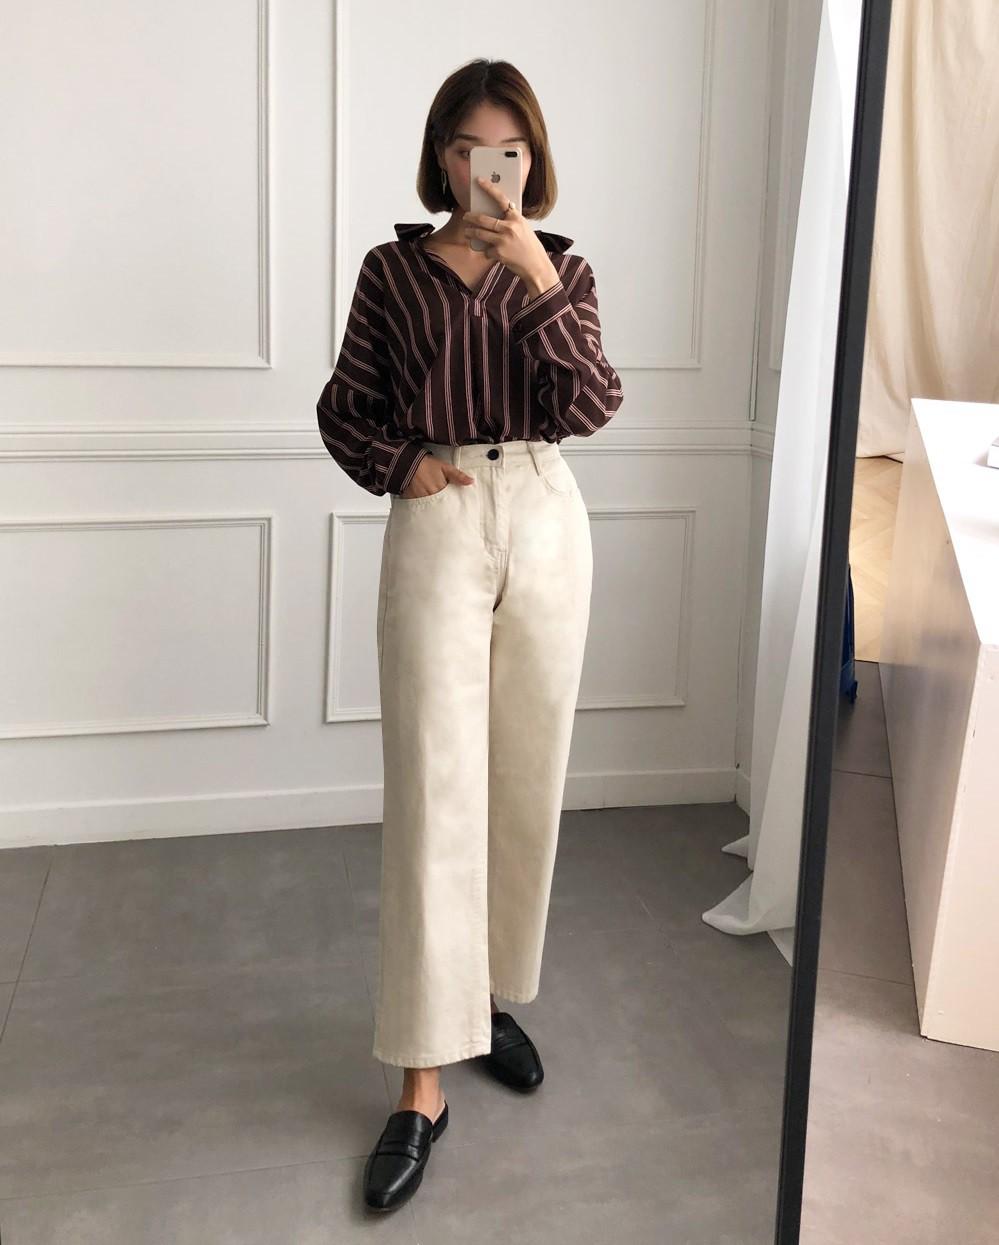 Quên quần áo dày dặn mùa lạnh đi, nàng công sở cứ sắm 5 items này là đủ mặc đẹp từ Xuân sang Hè - Ảnh 3